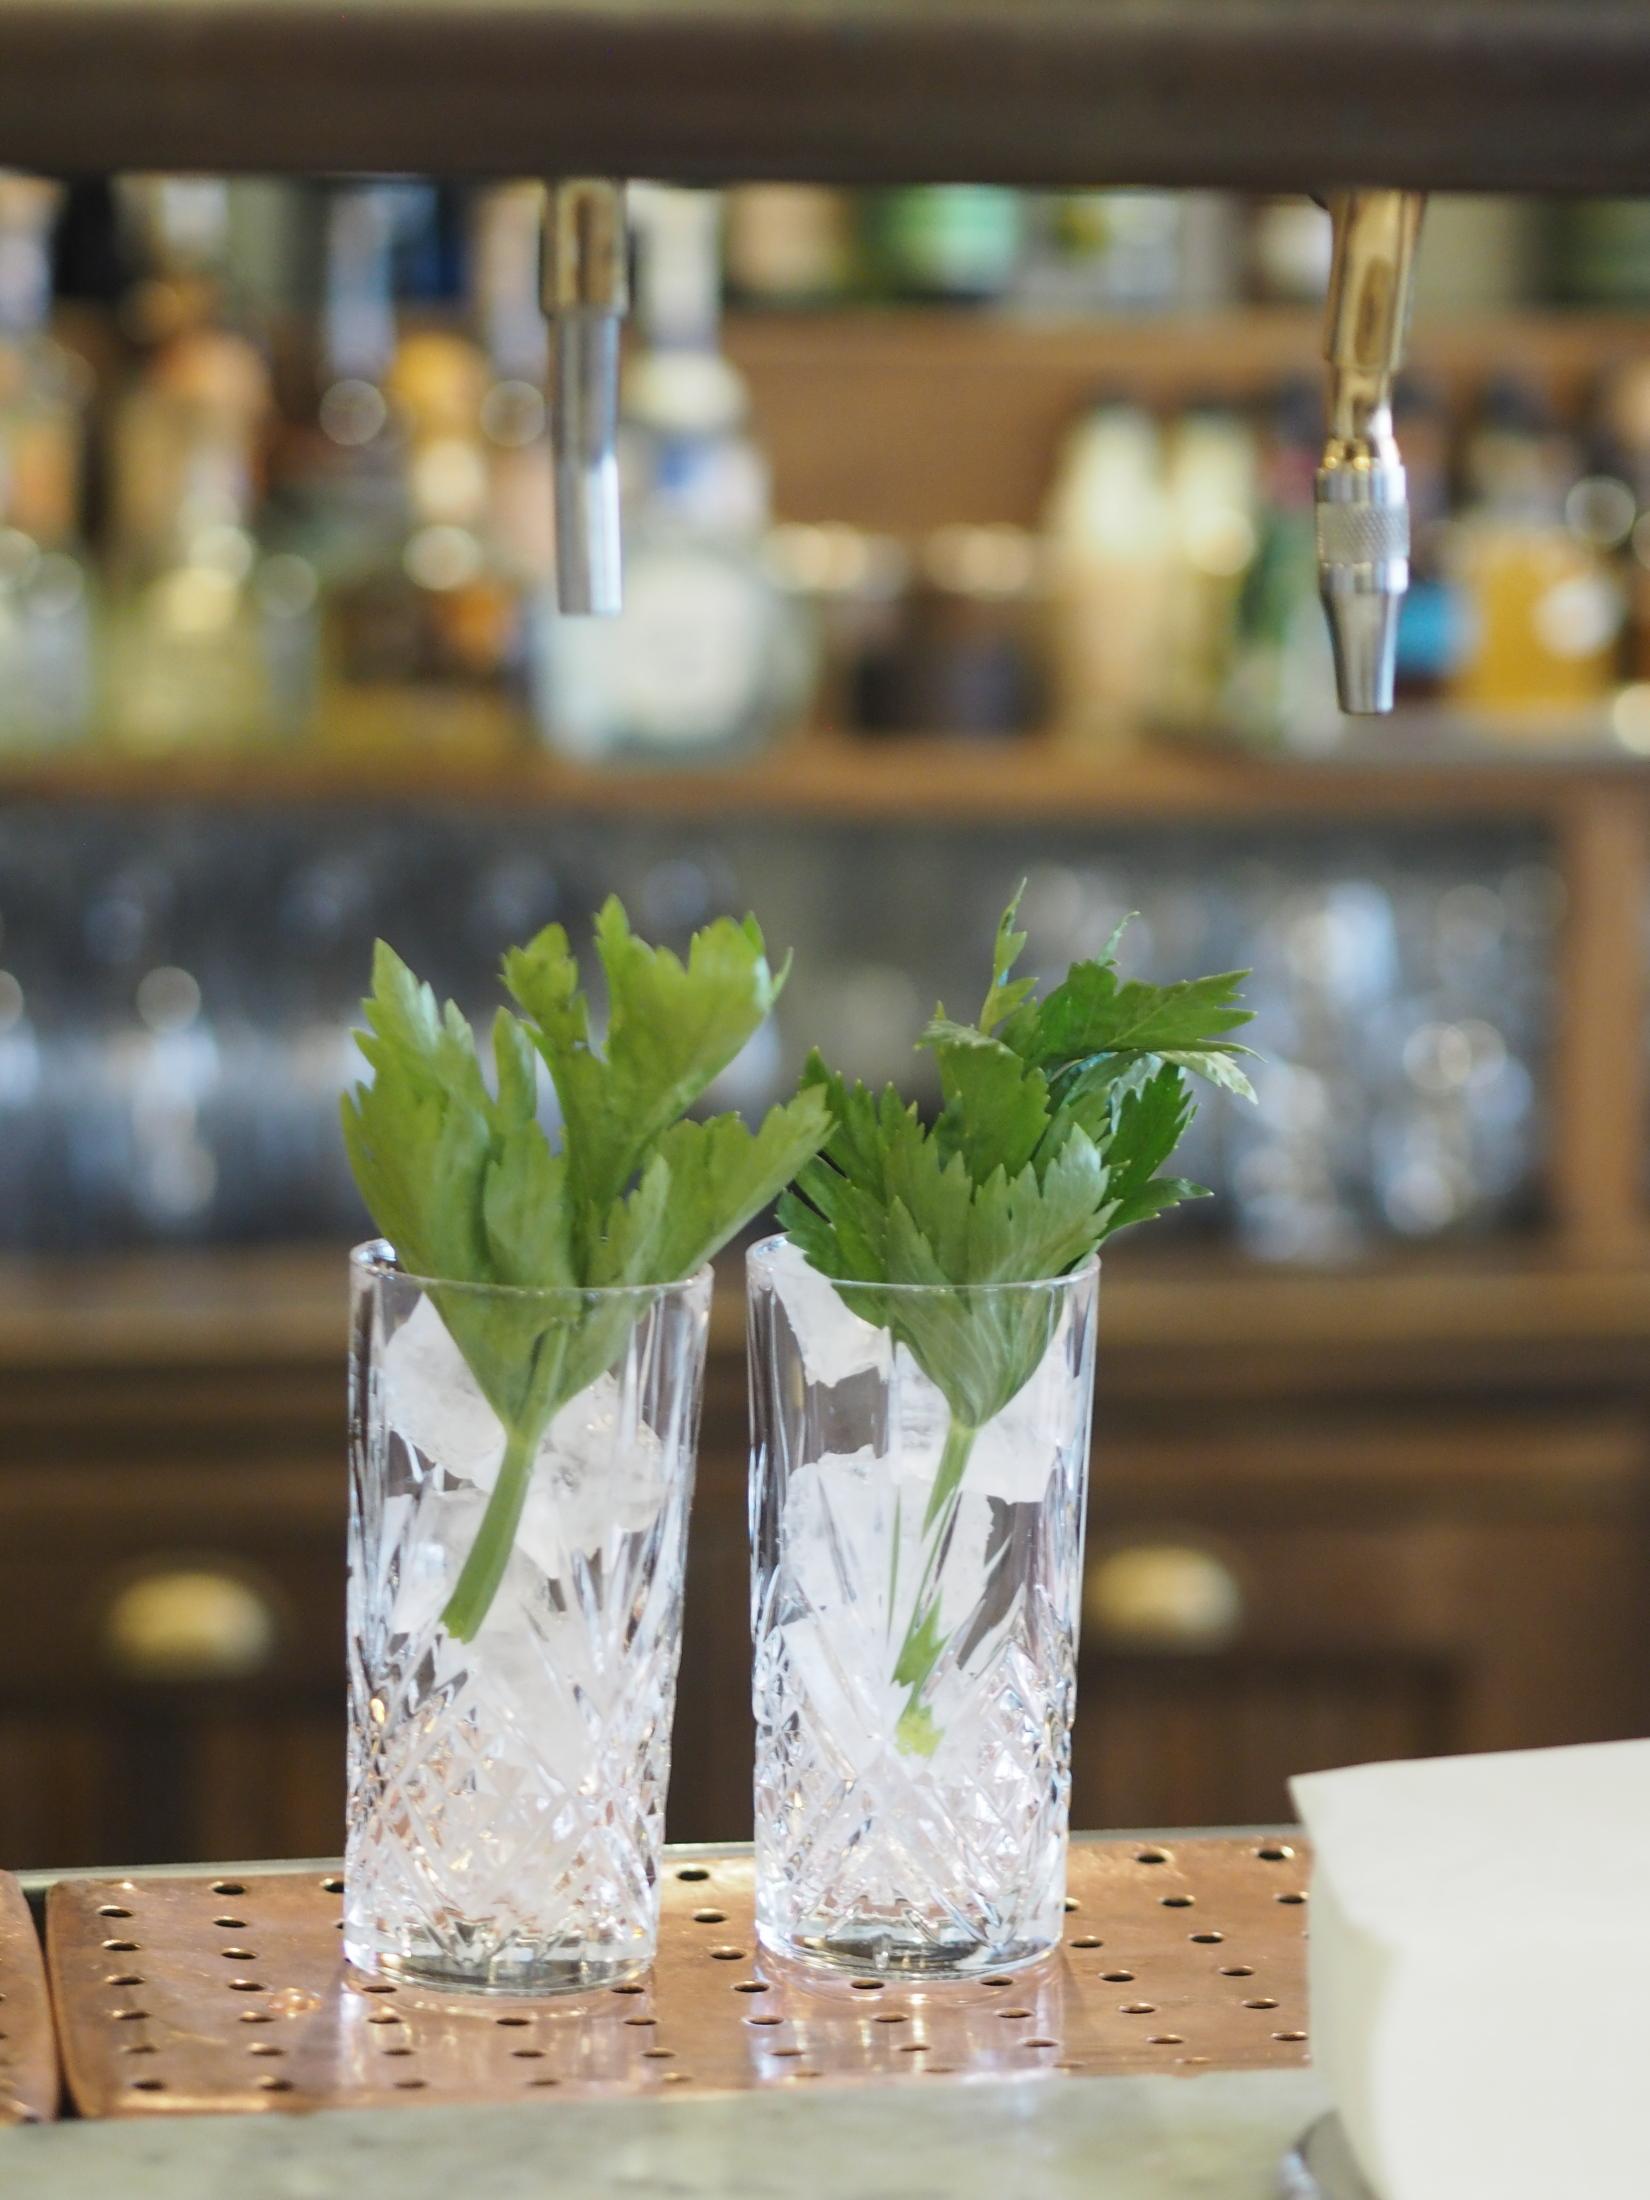 Hoxton Hotel Holborn bar